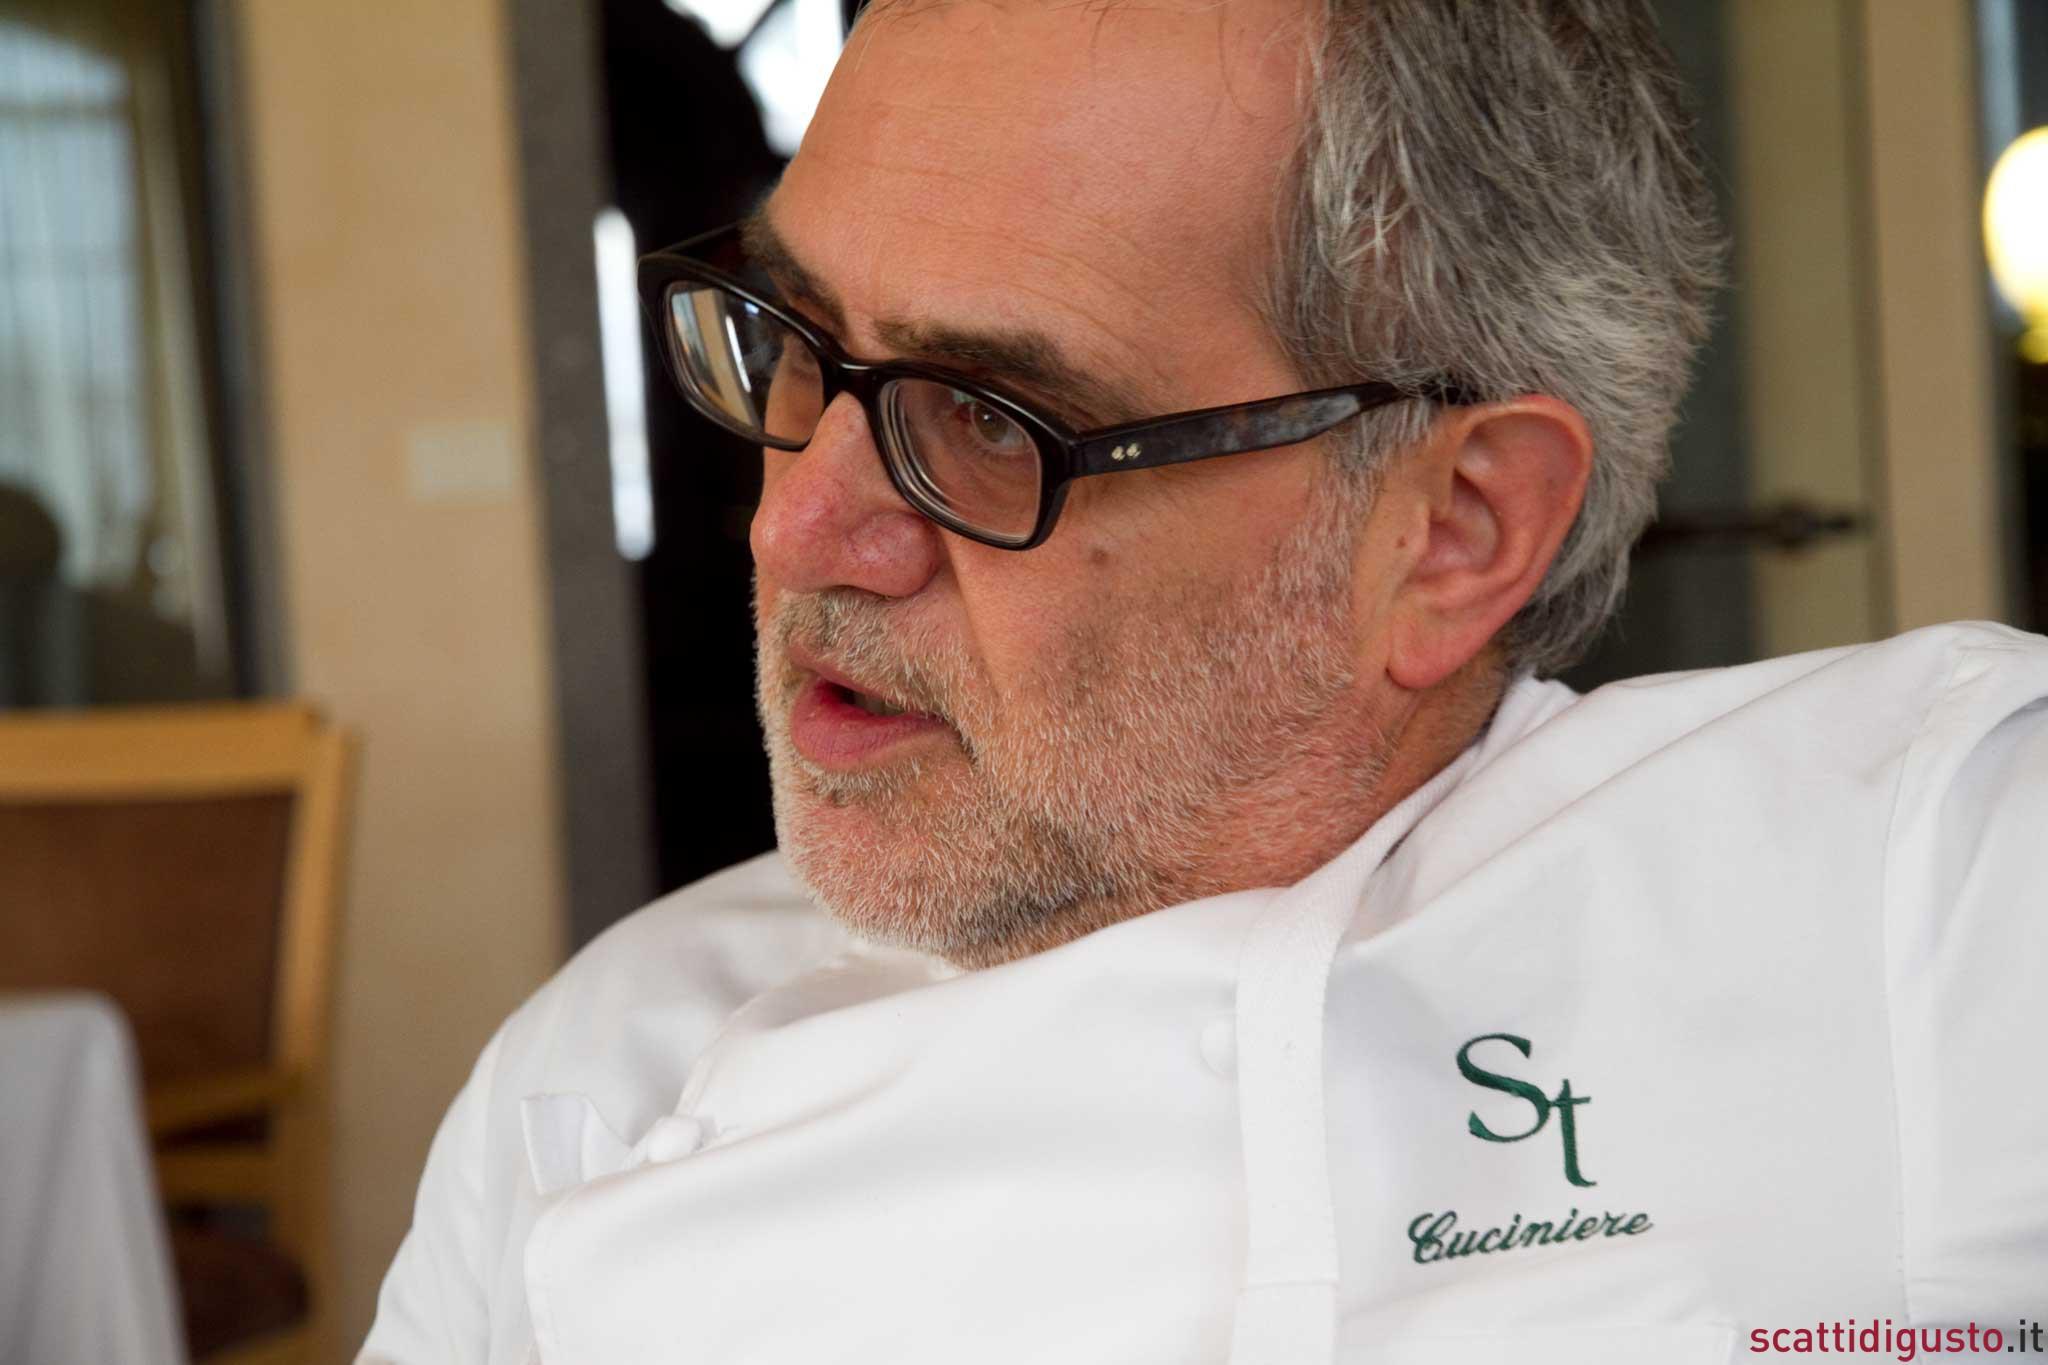 Salvatore Tassa Cuciniere